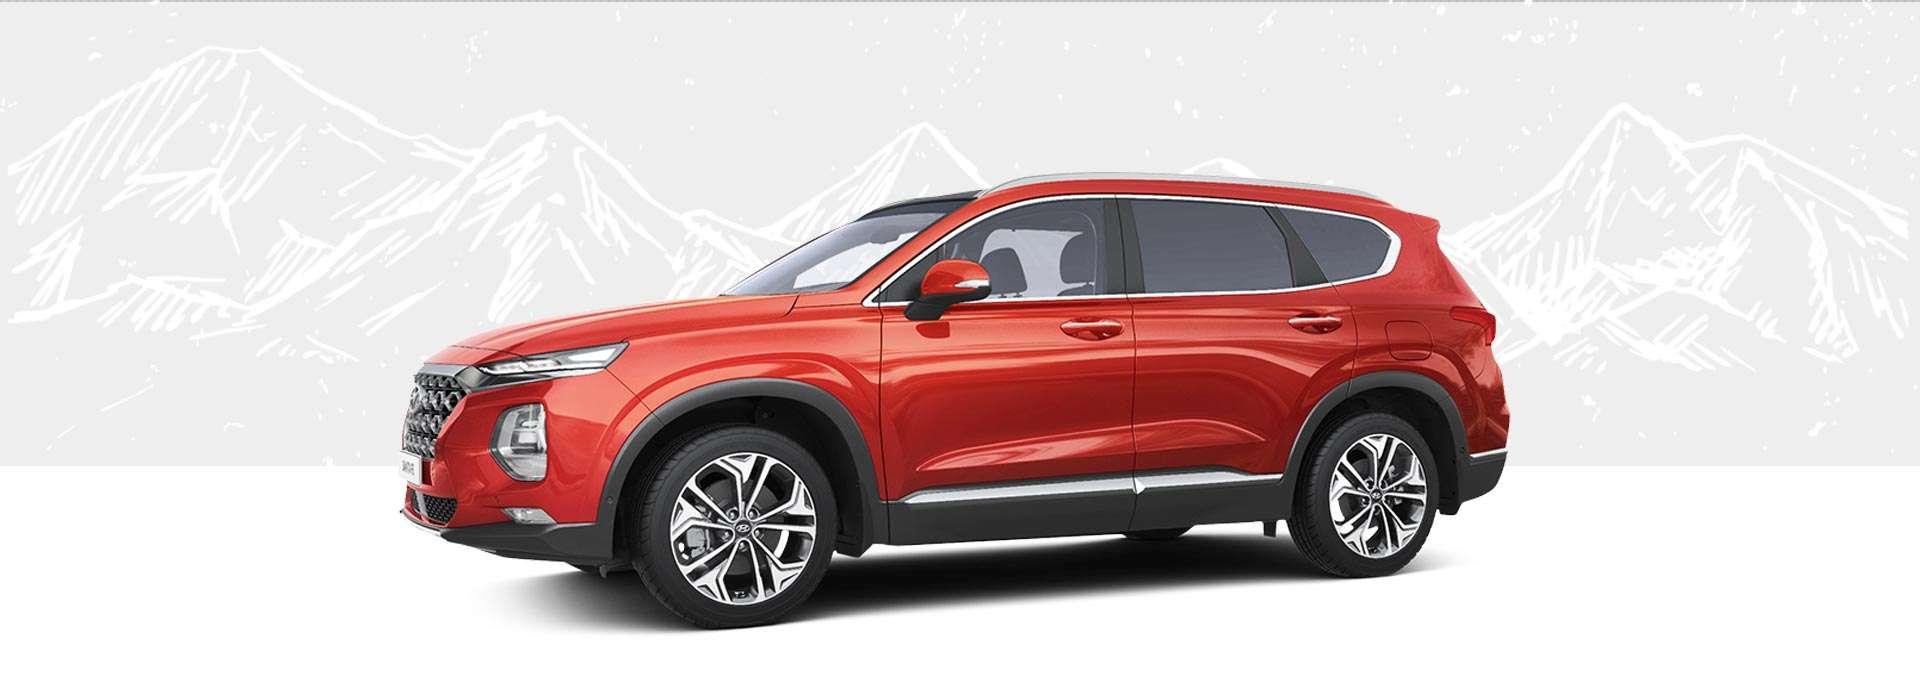 Hyundai Nuevo Santa Fe 7 plazas de serie